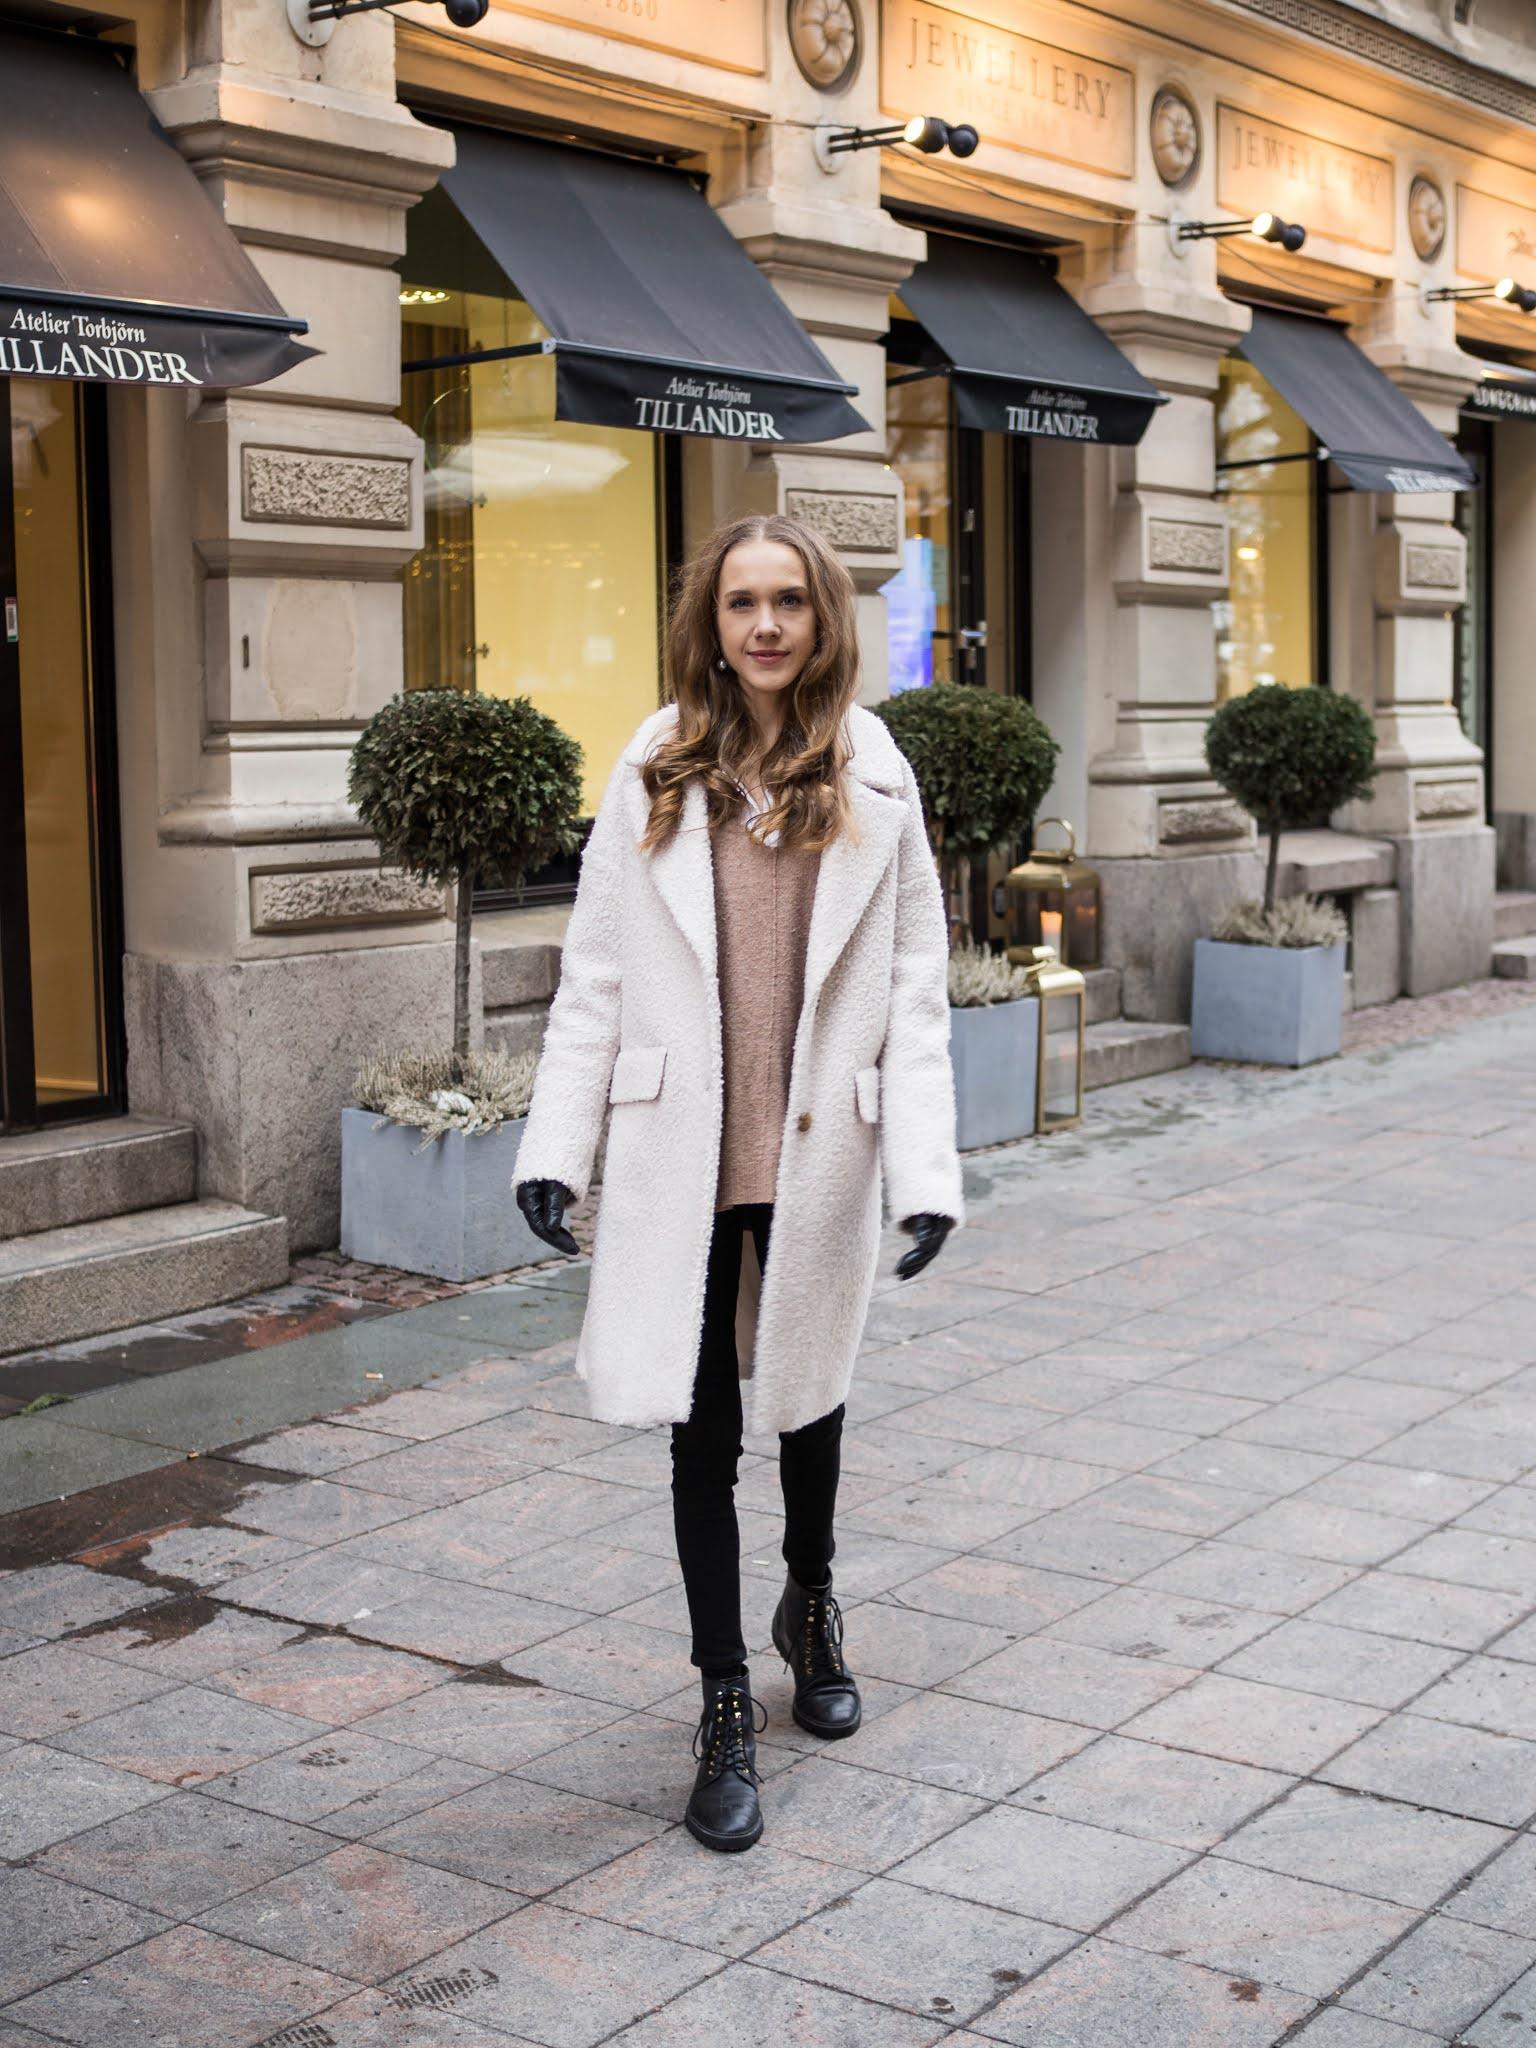 Kuinka pukea valkoinen karvatakki // How to wear white teddy coat